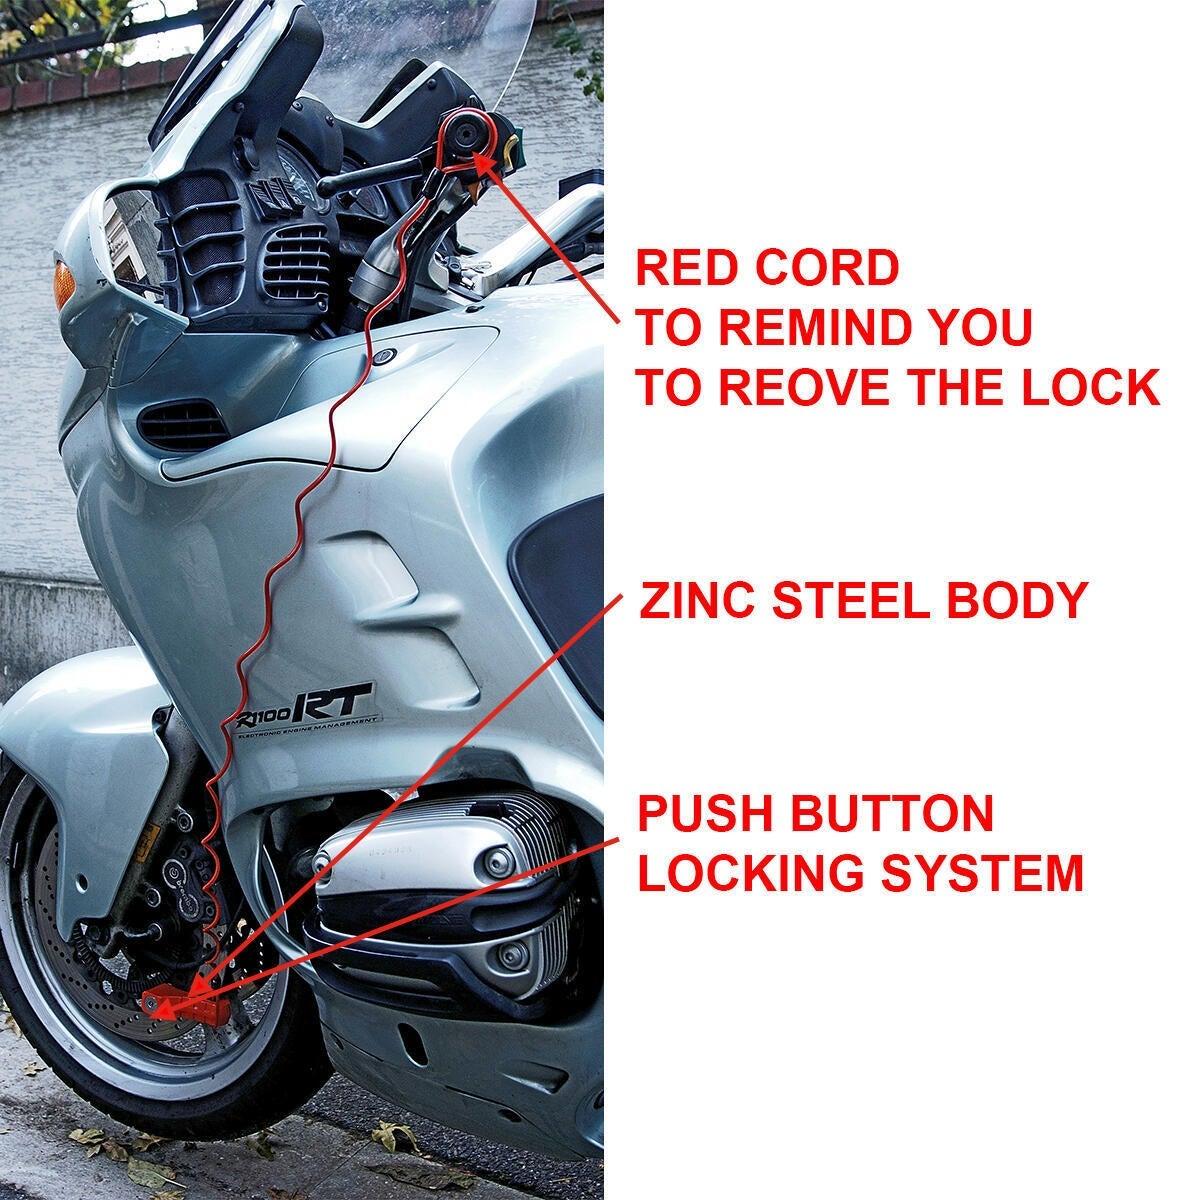 Blocca disco per moto con chiave MASTER LOCK 8304EURDPS rosso - 5